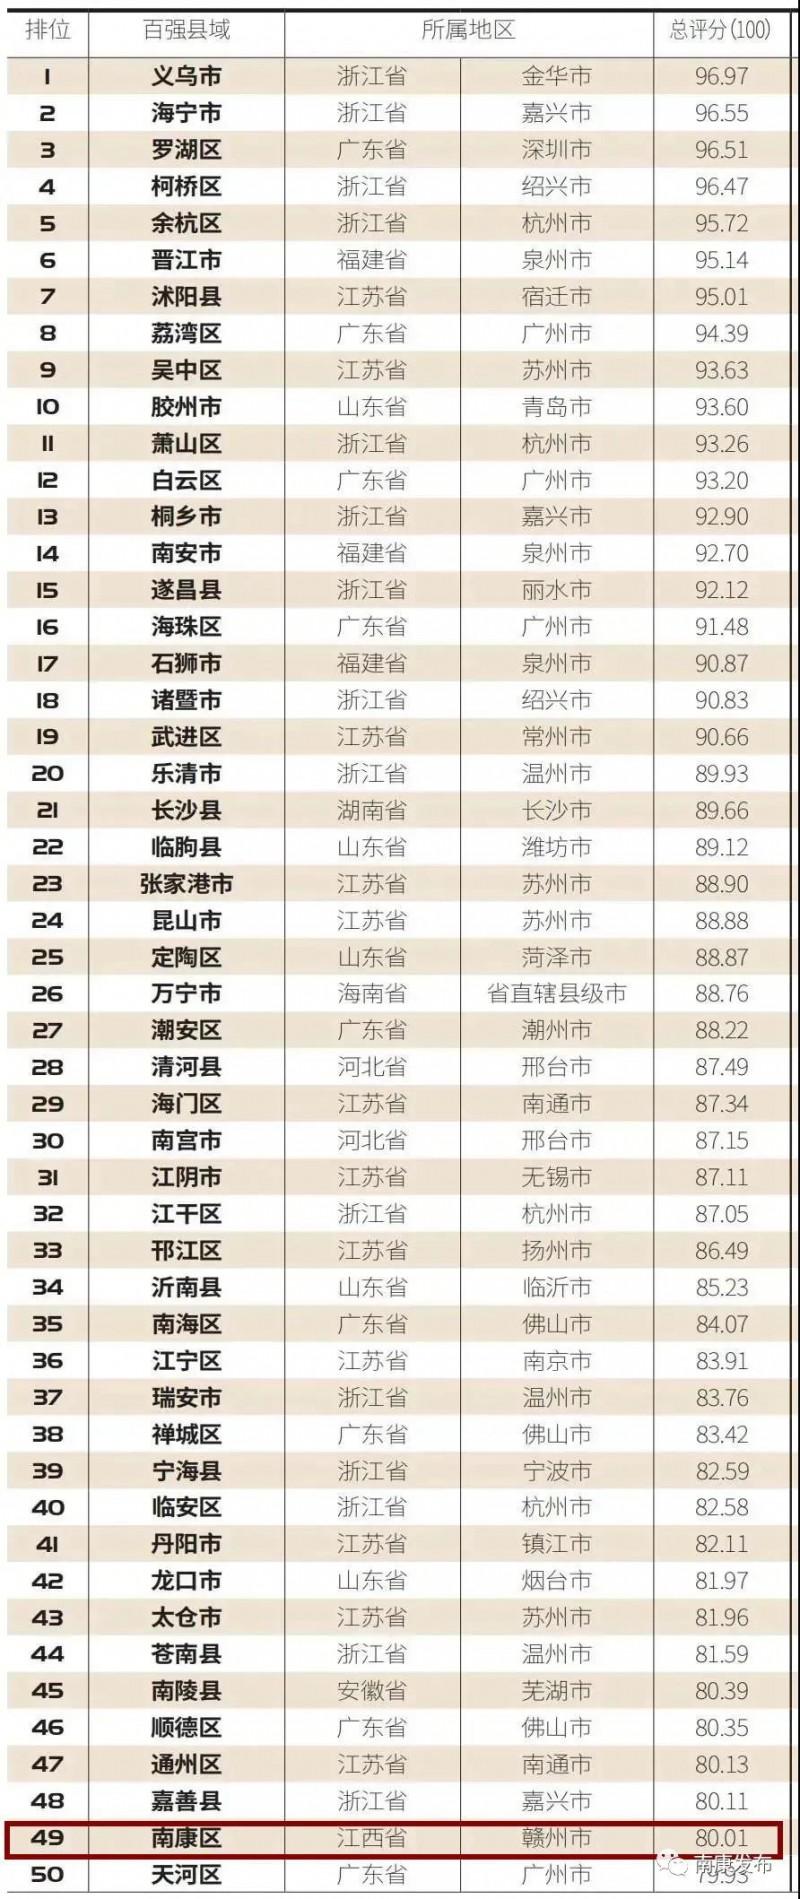 电商竞争力百强榜,南康全省第一,全国50强